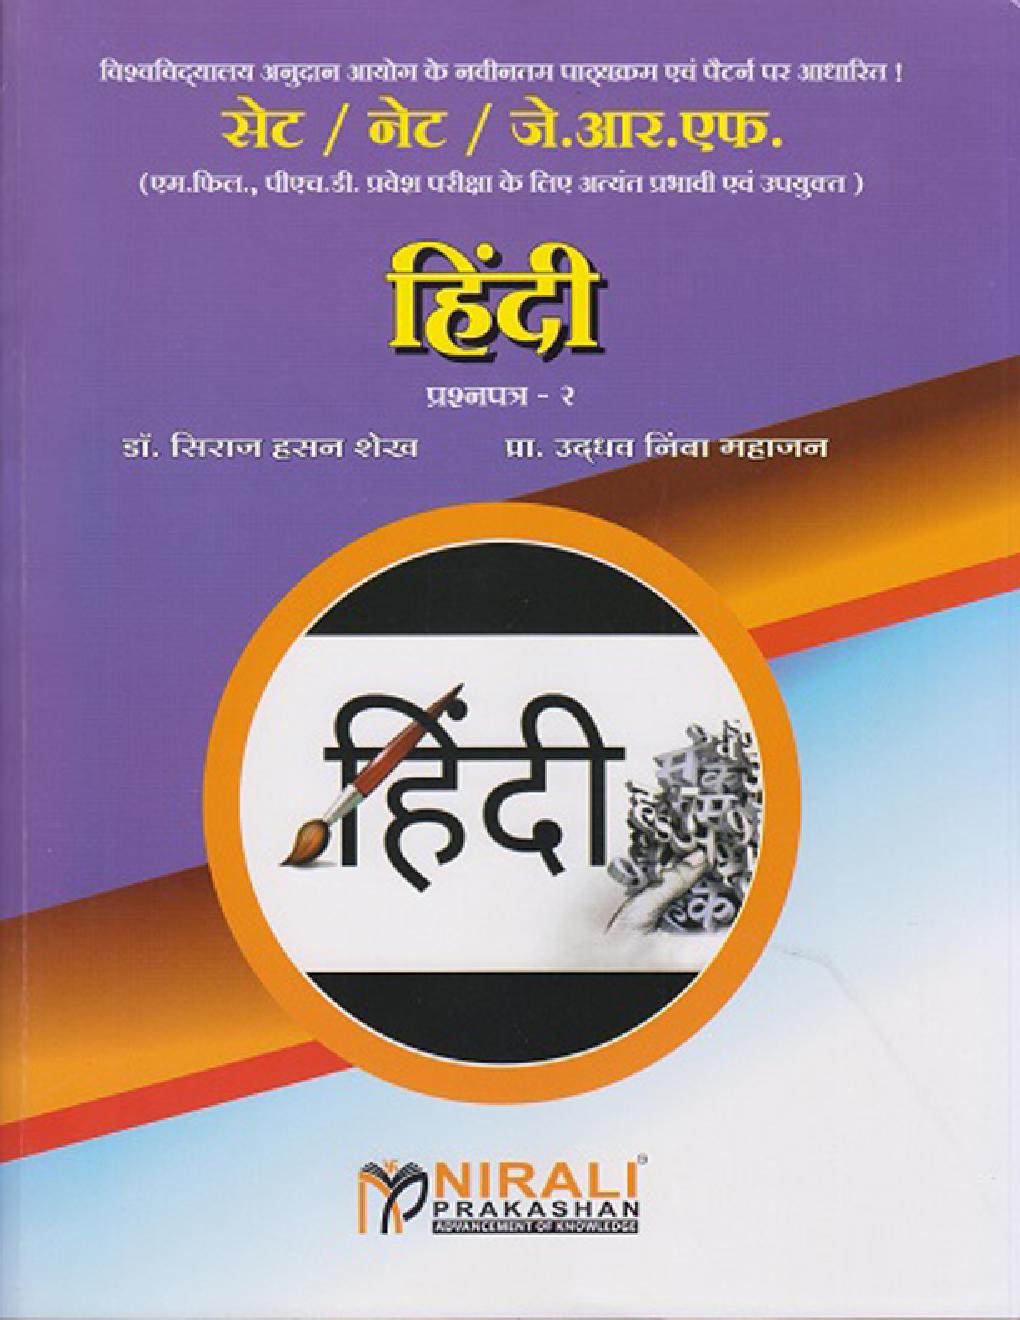 सेट/नेट/जे.आर.एफ. - हिंदी प्रश्नपत्र-२ - Page 1